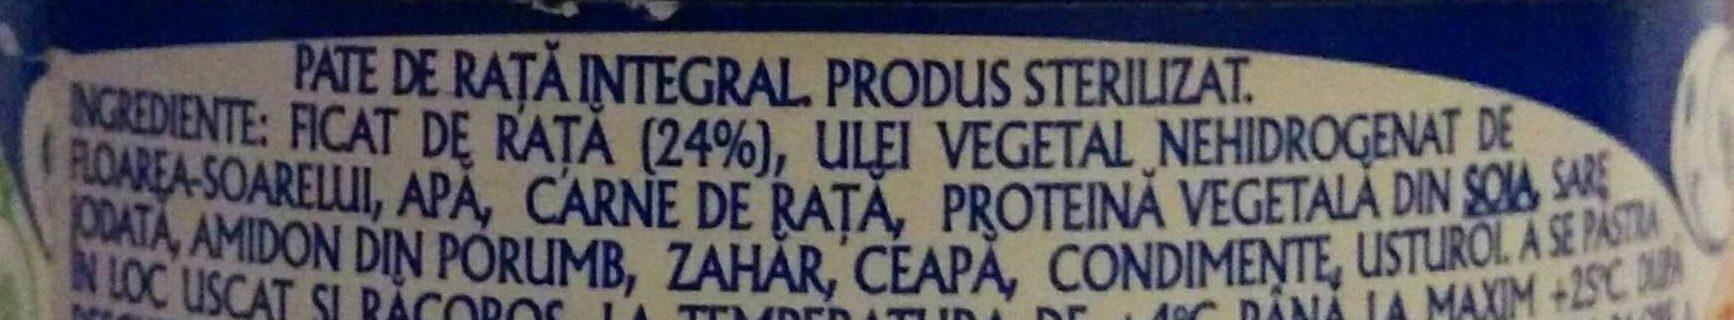 Pate de rață integral - Ingredients - ro